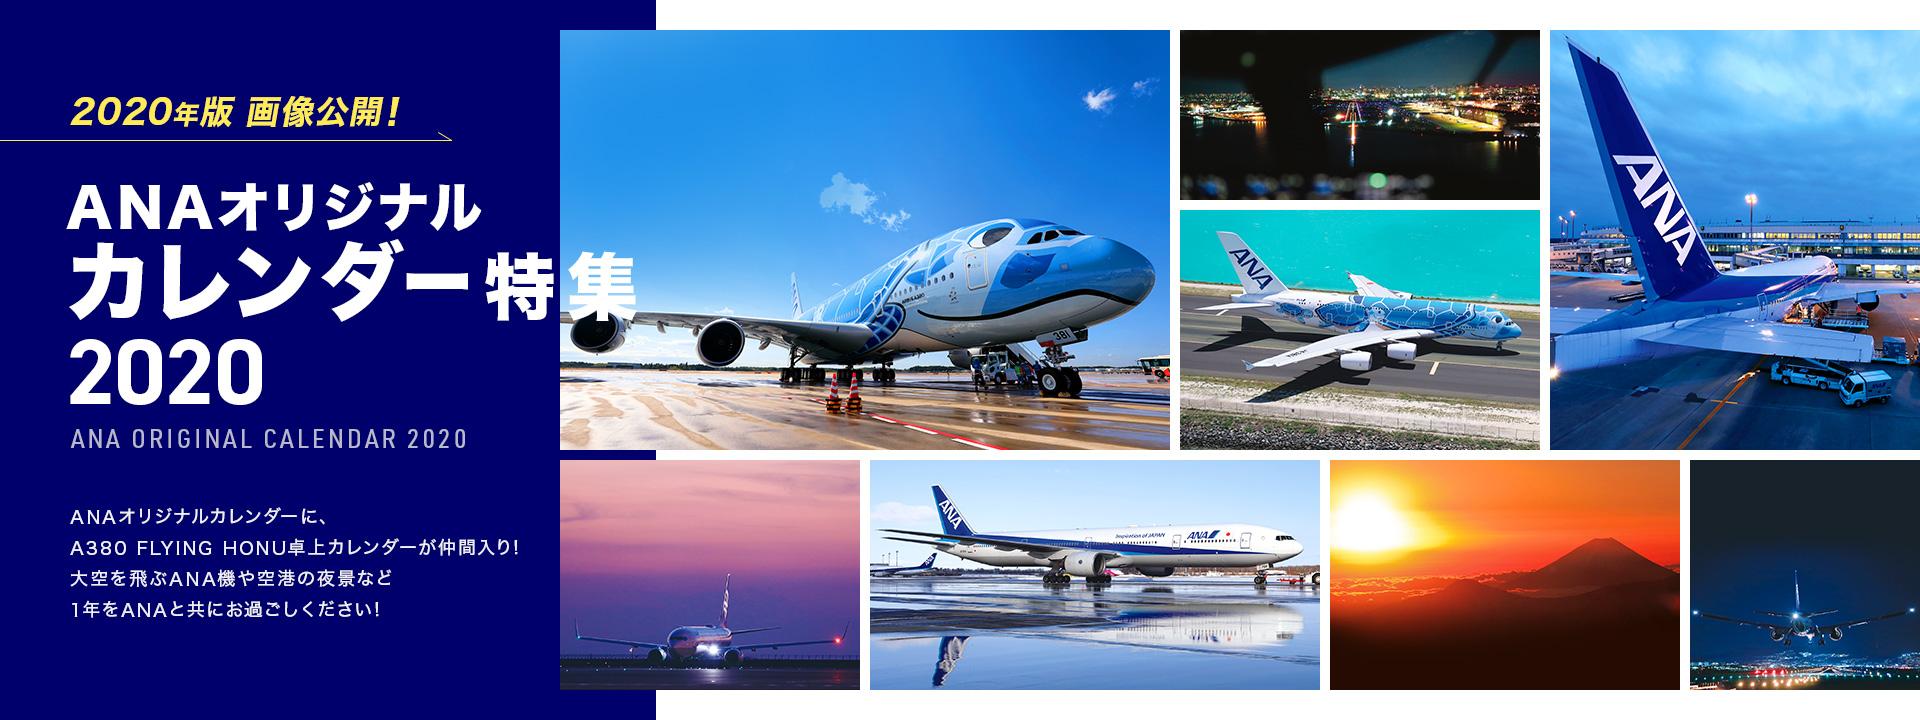 2020年版 画像公開! ANAオリジナルカレンダー特集2020 ANAオリジナルカレンダーに、A380 FLYING HONU卓上カレンダーが仲間入り!大空を飛ぶANA機や空港の夜景、風景など1年間をANAとともにお過ごしください!